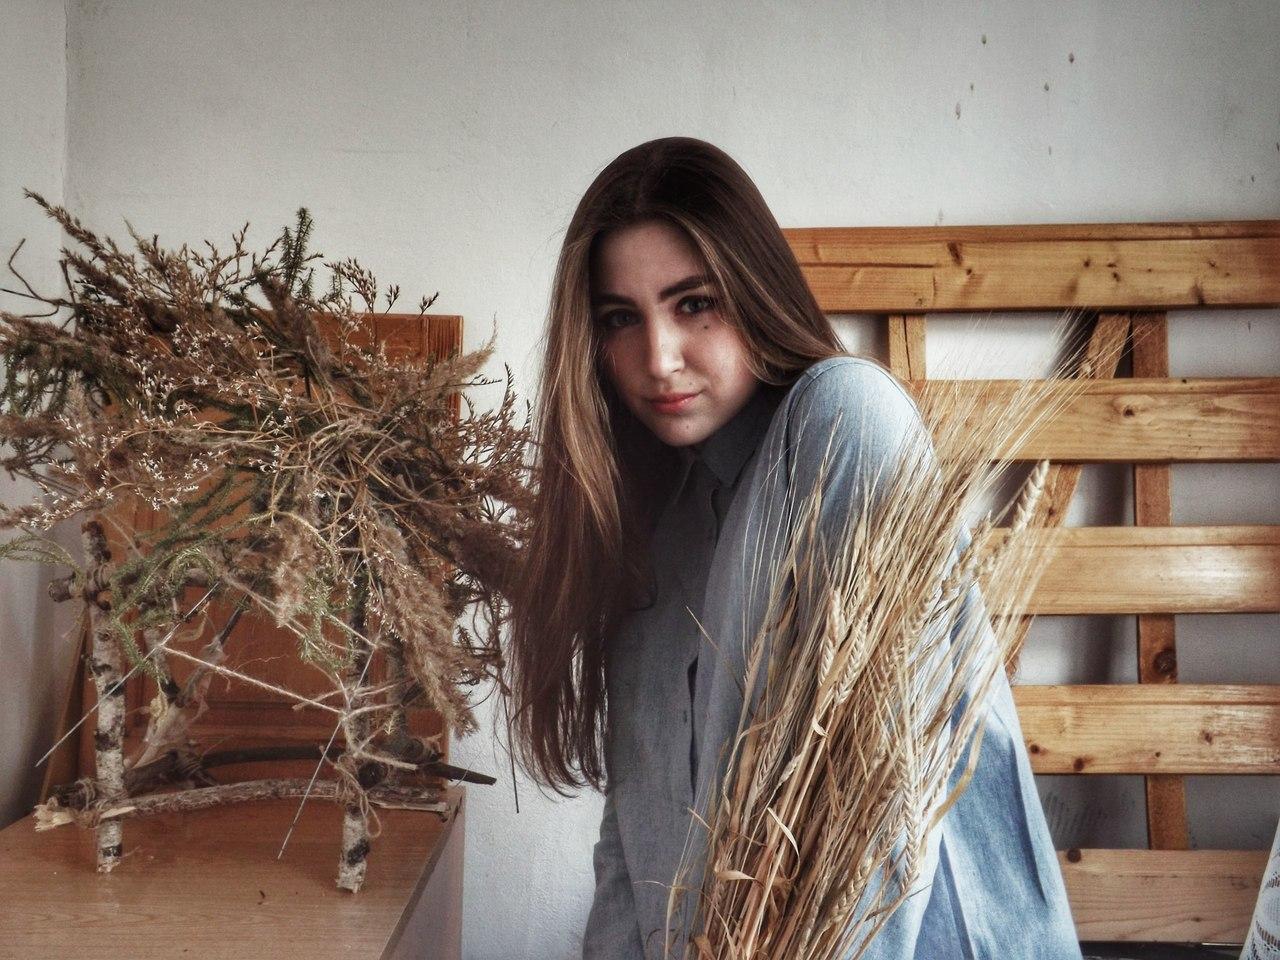 Работа девушке моделью кирово чепецк отзывы девушек о работе в клубах